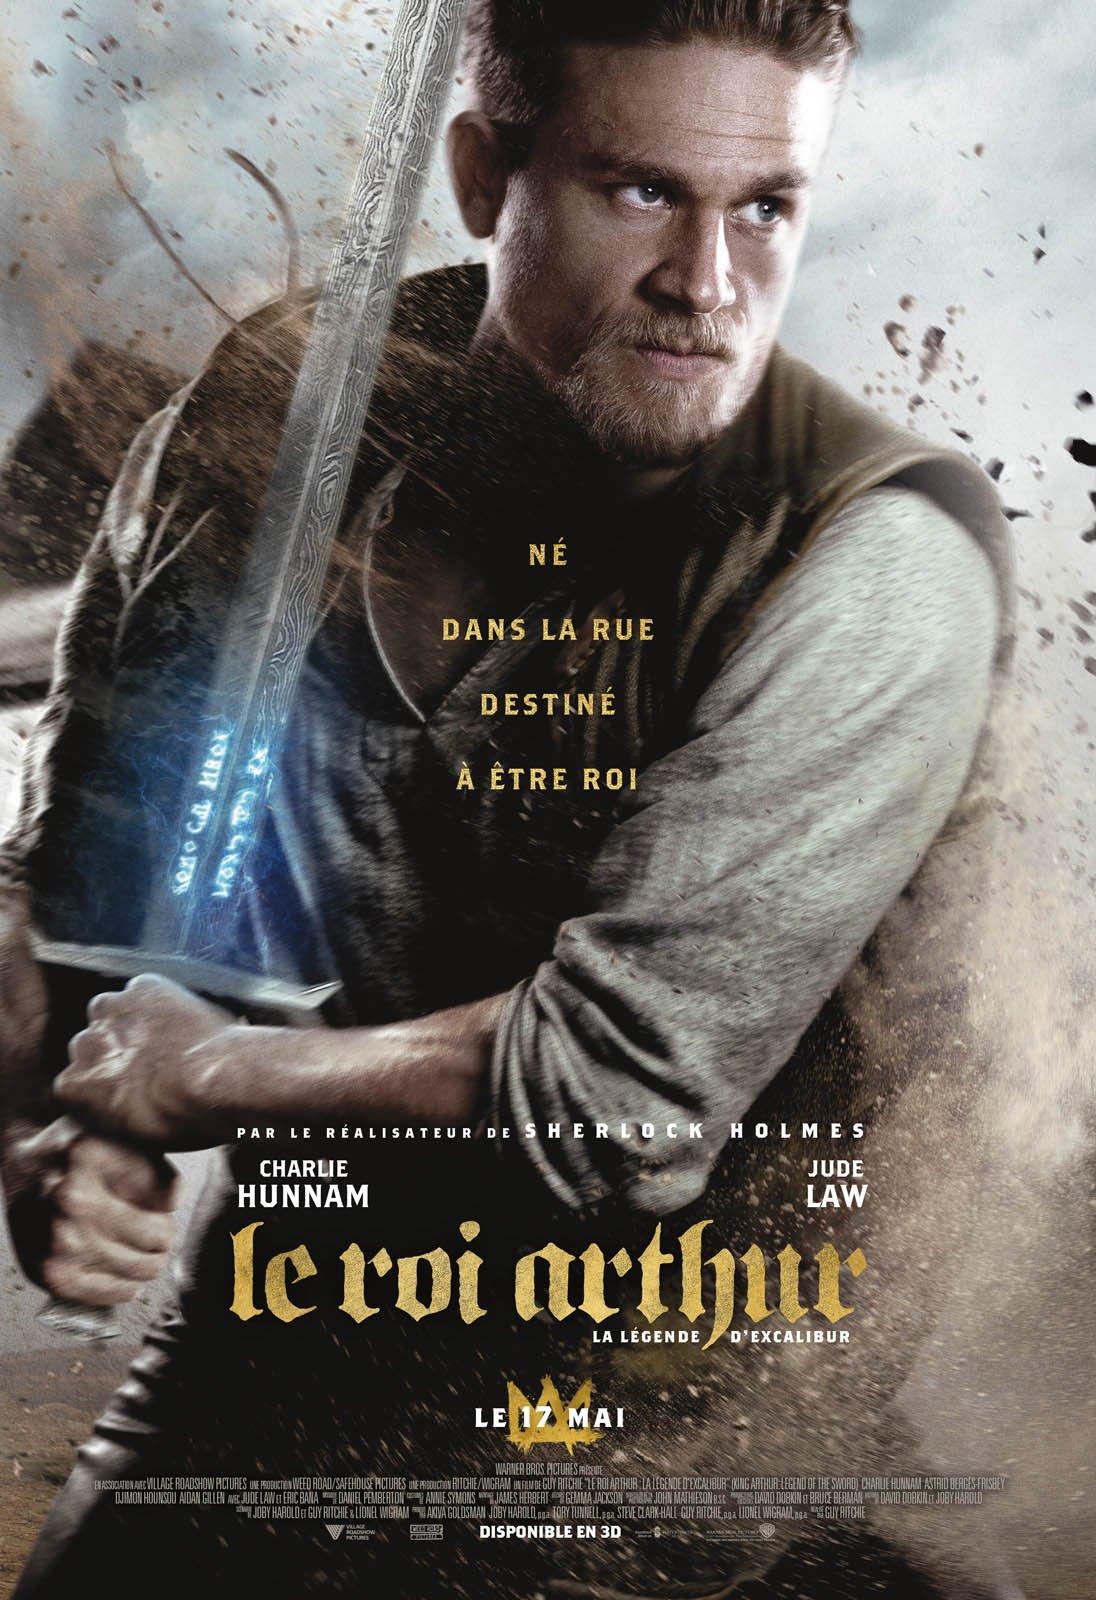 Le Roi Arthur: La Légende d'Excalibur streaming